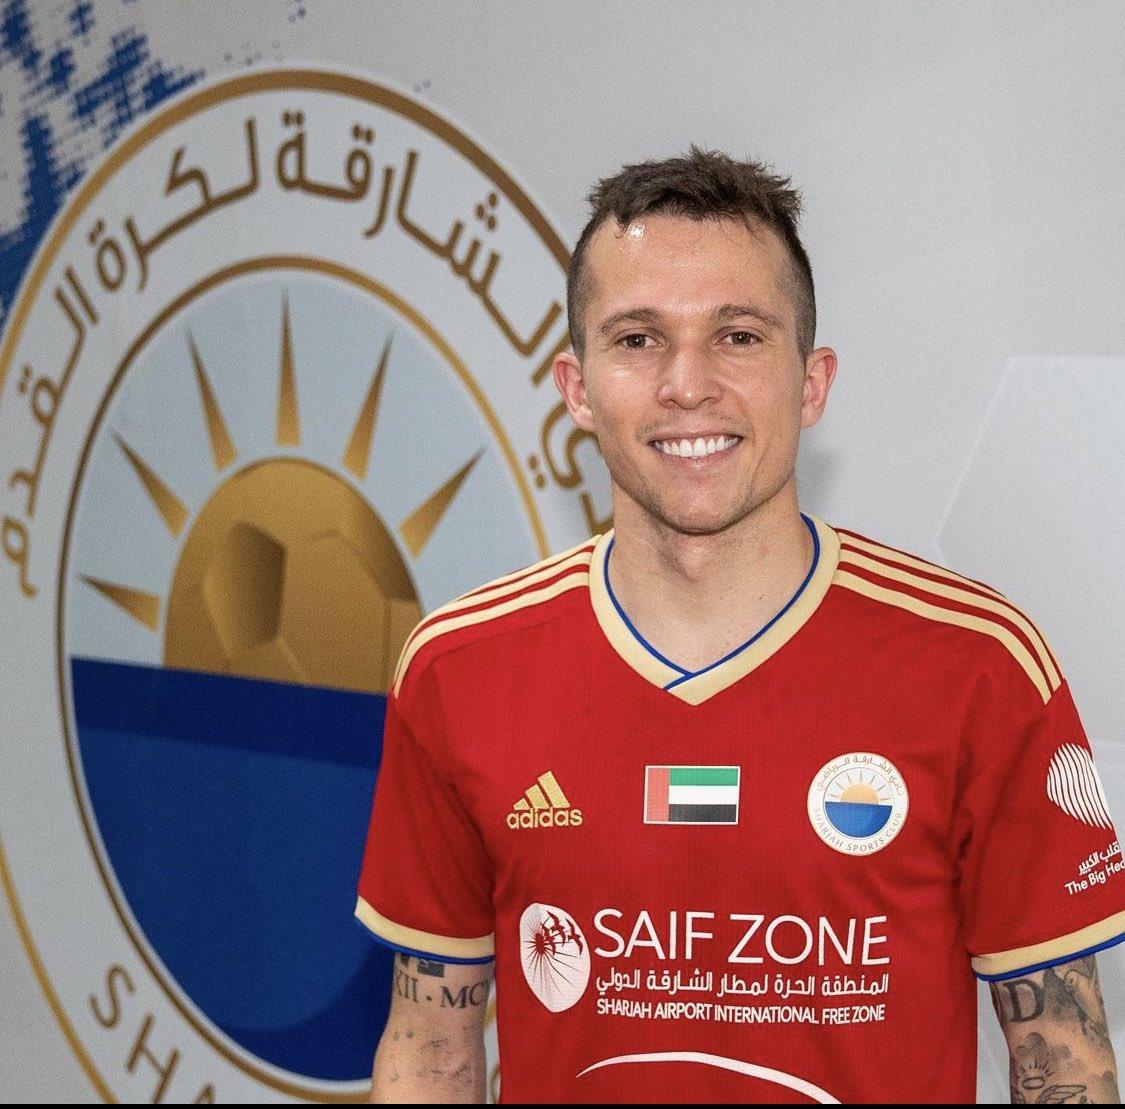 رسمياً<br /><br />نادي الشارقة الإماراتي يوقع مع لاعب إيفرتون البرازيلي بيرنارد <br /><br />@SharjahFC